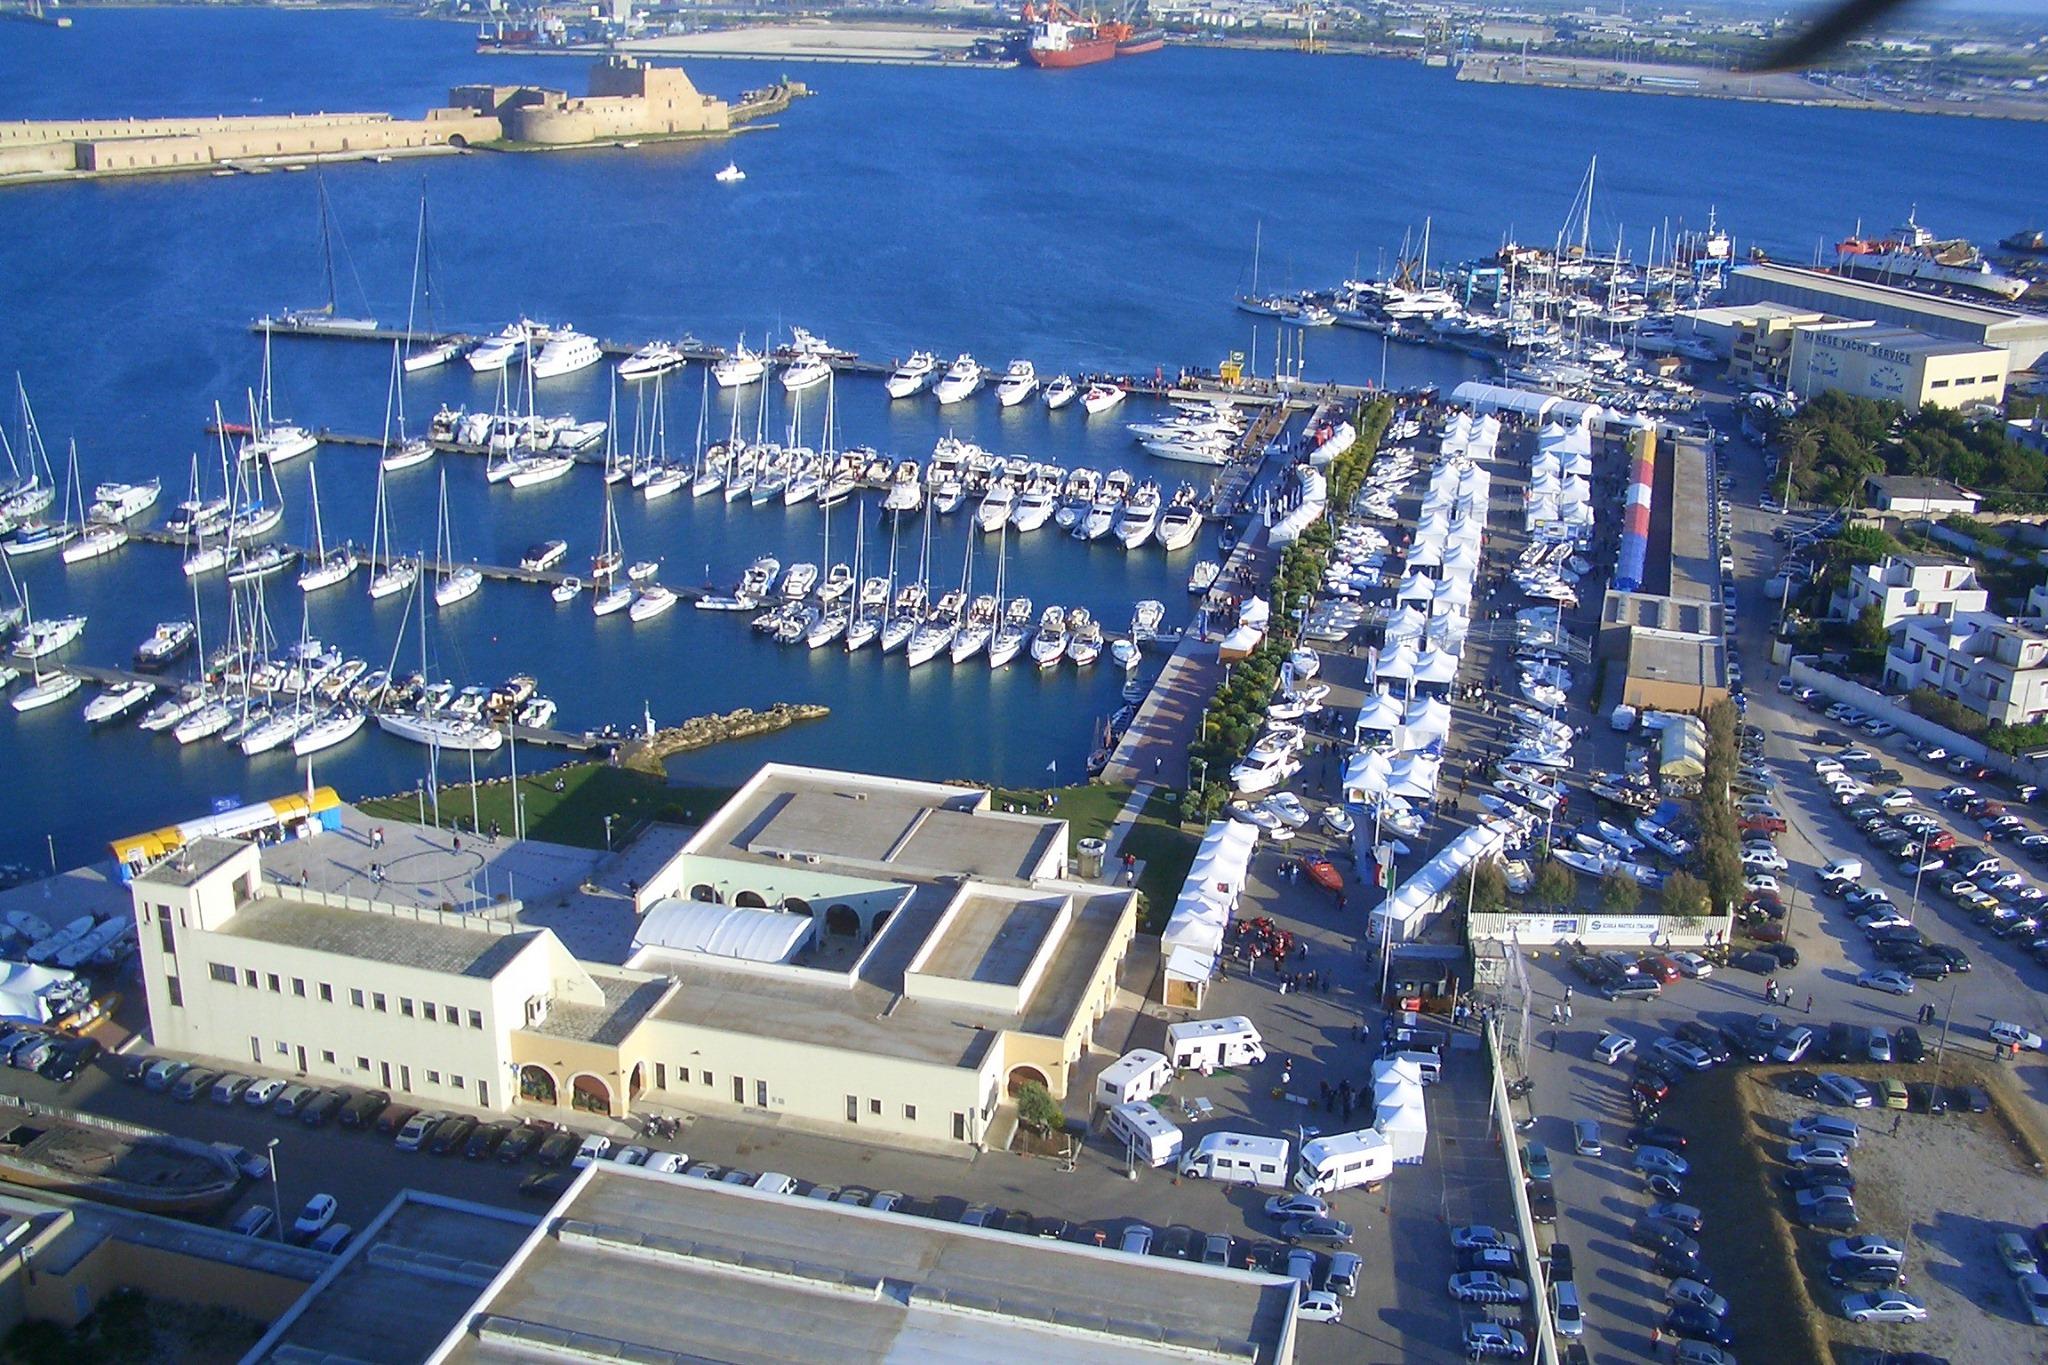 Salone nautico di Puglia dal 25 al 29 marzo, un o scorcio del porticciolo.